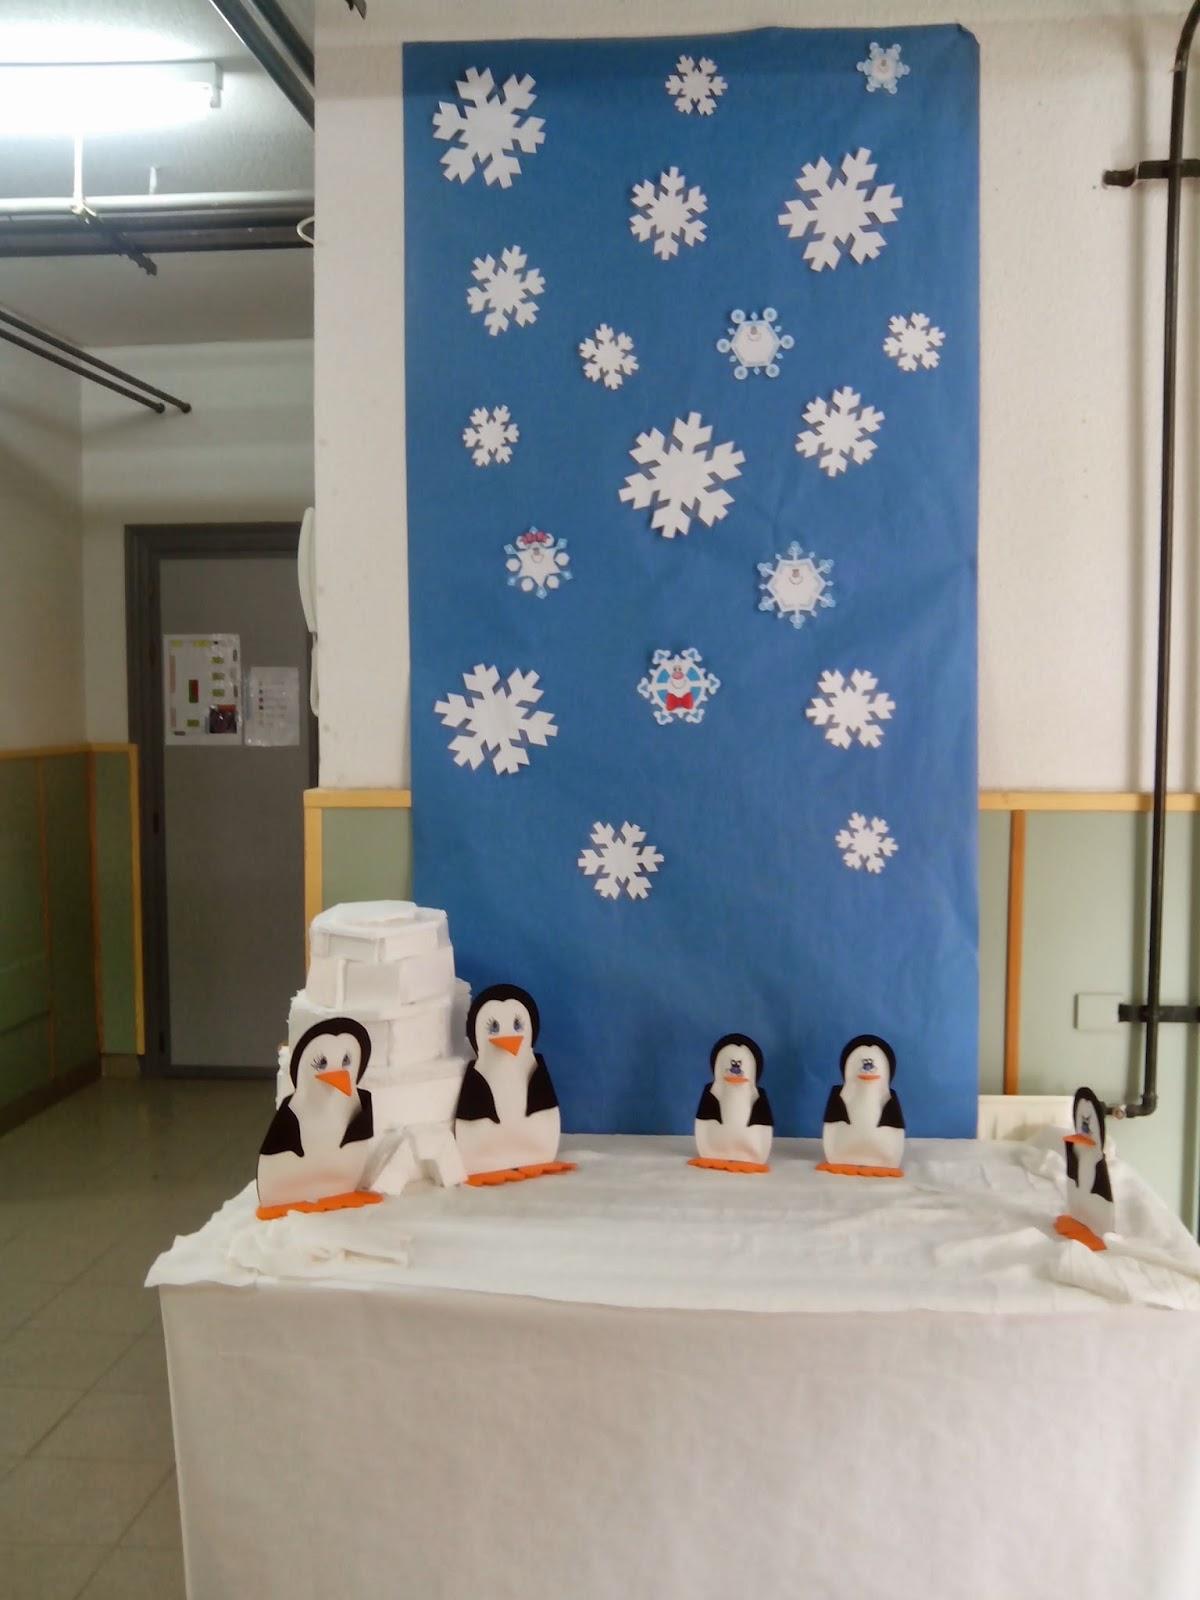 Decoracion invierno escuela infantil for Decoracion invierno